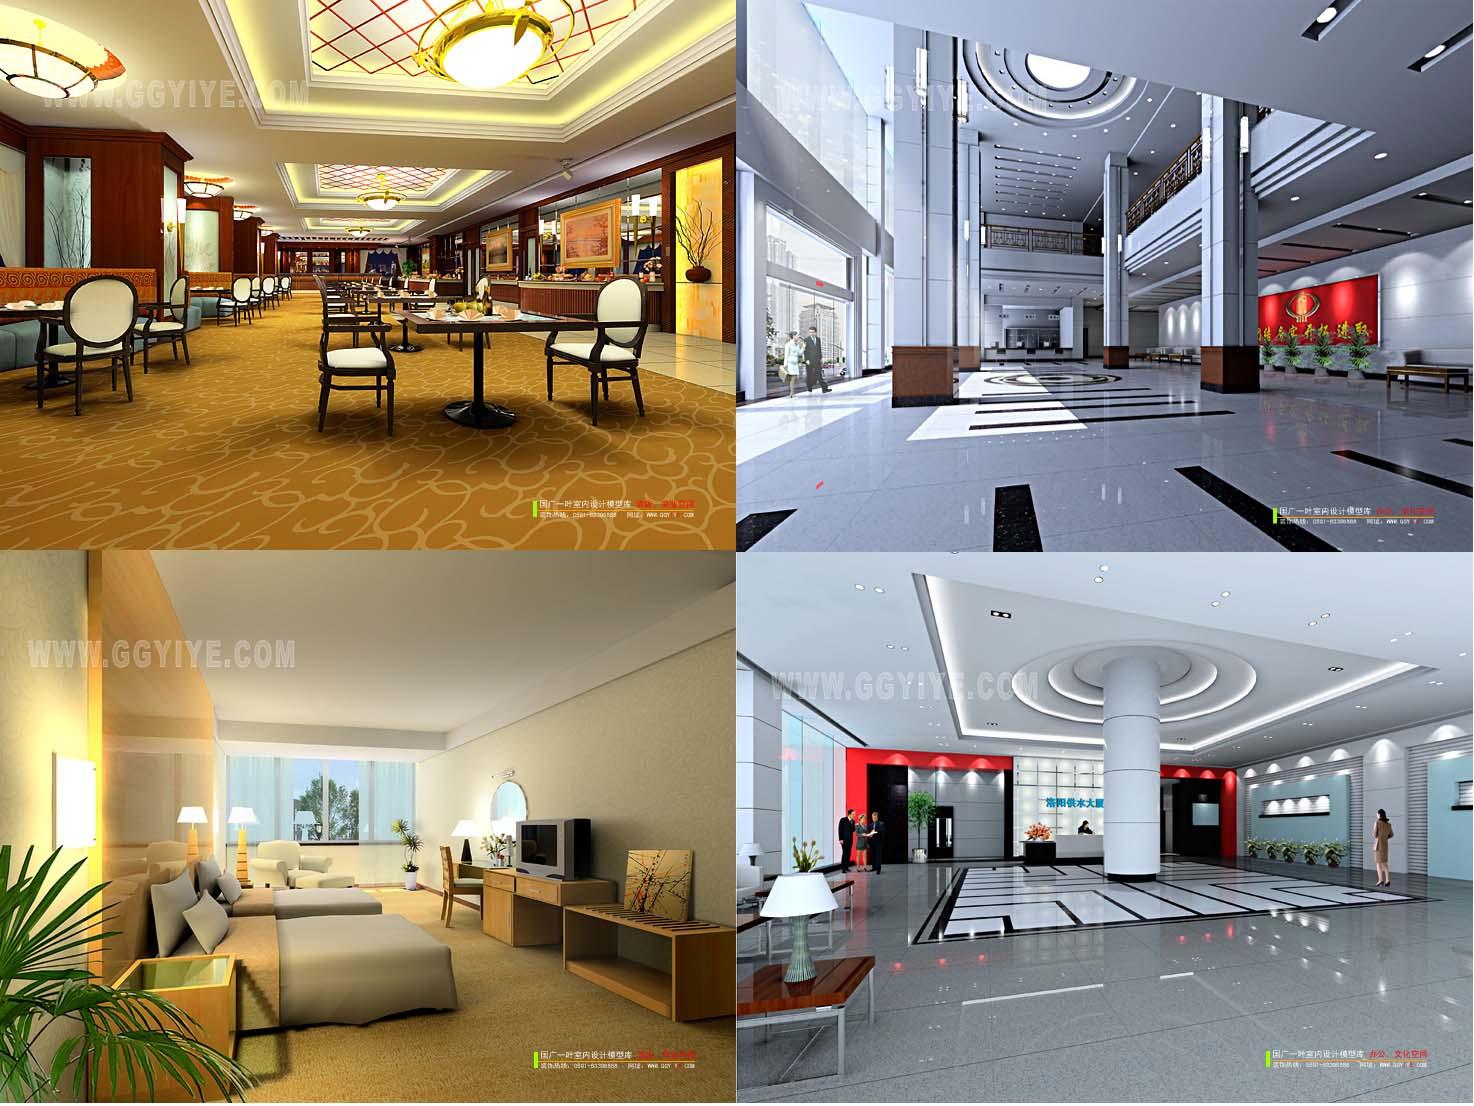 3D models pack of interior vol.2